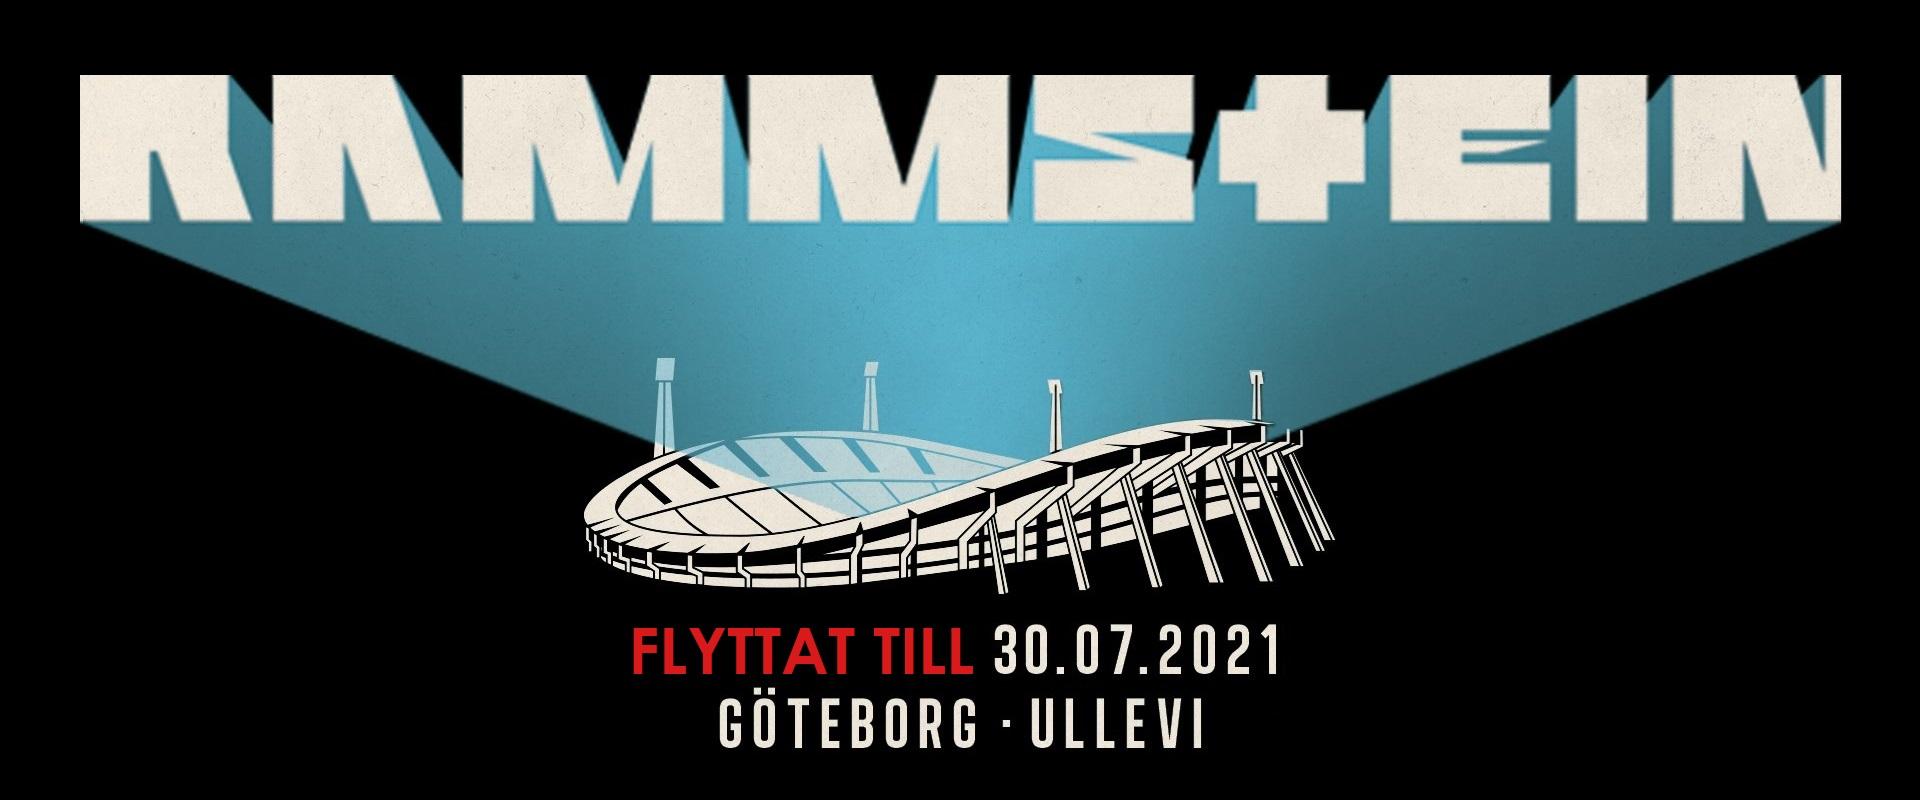 Rammstein - Göteborg 2021